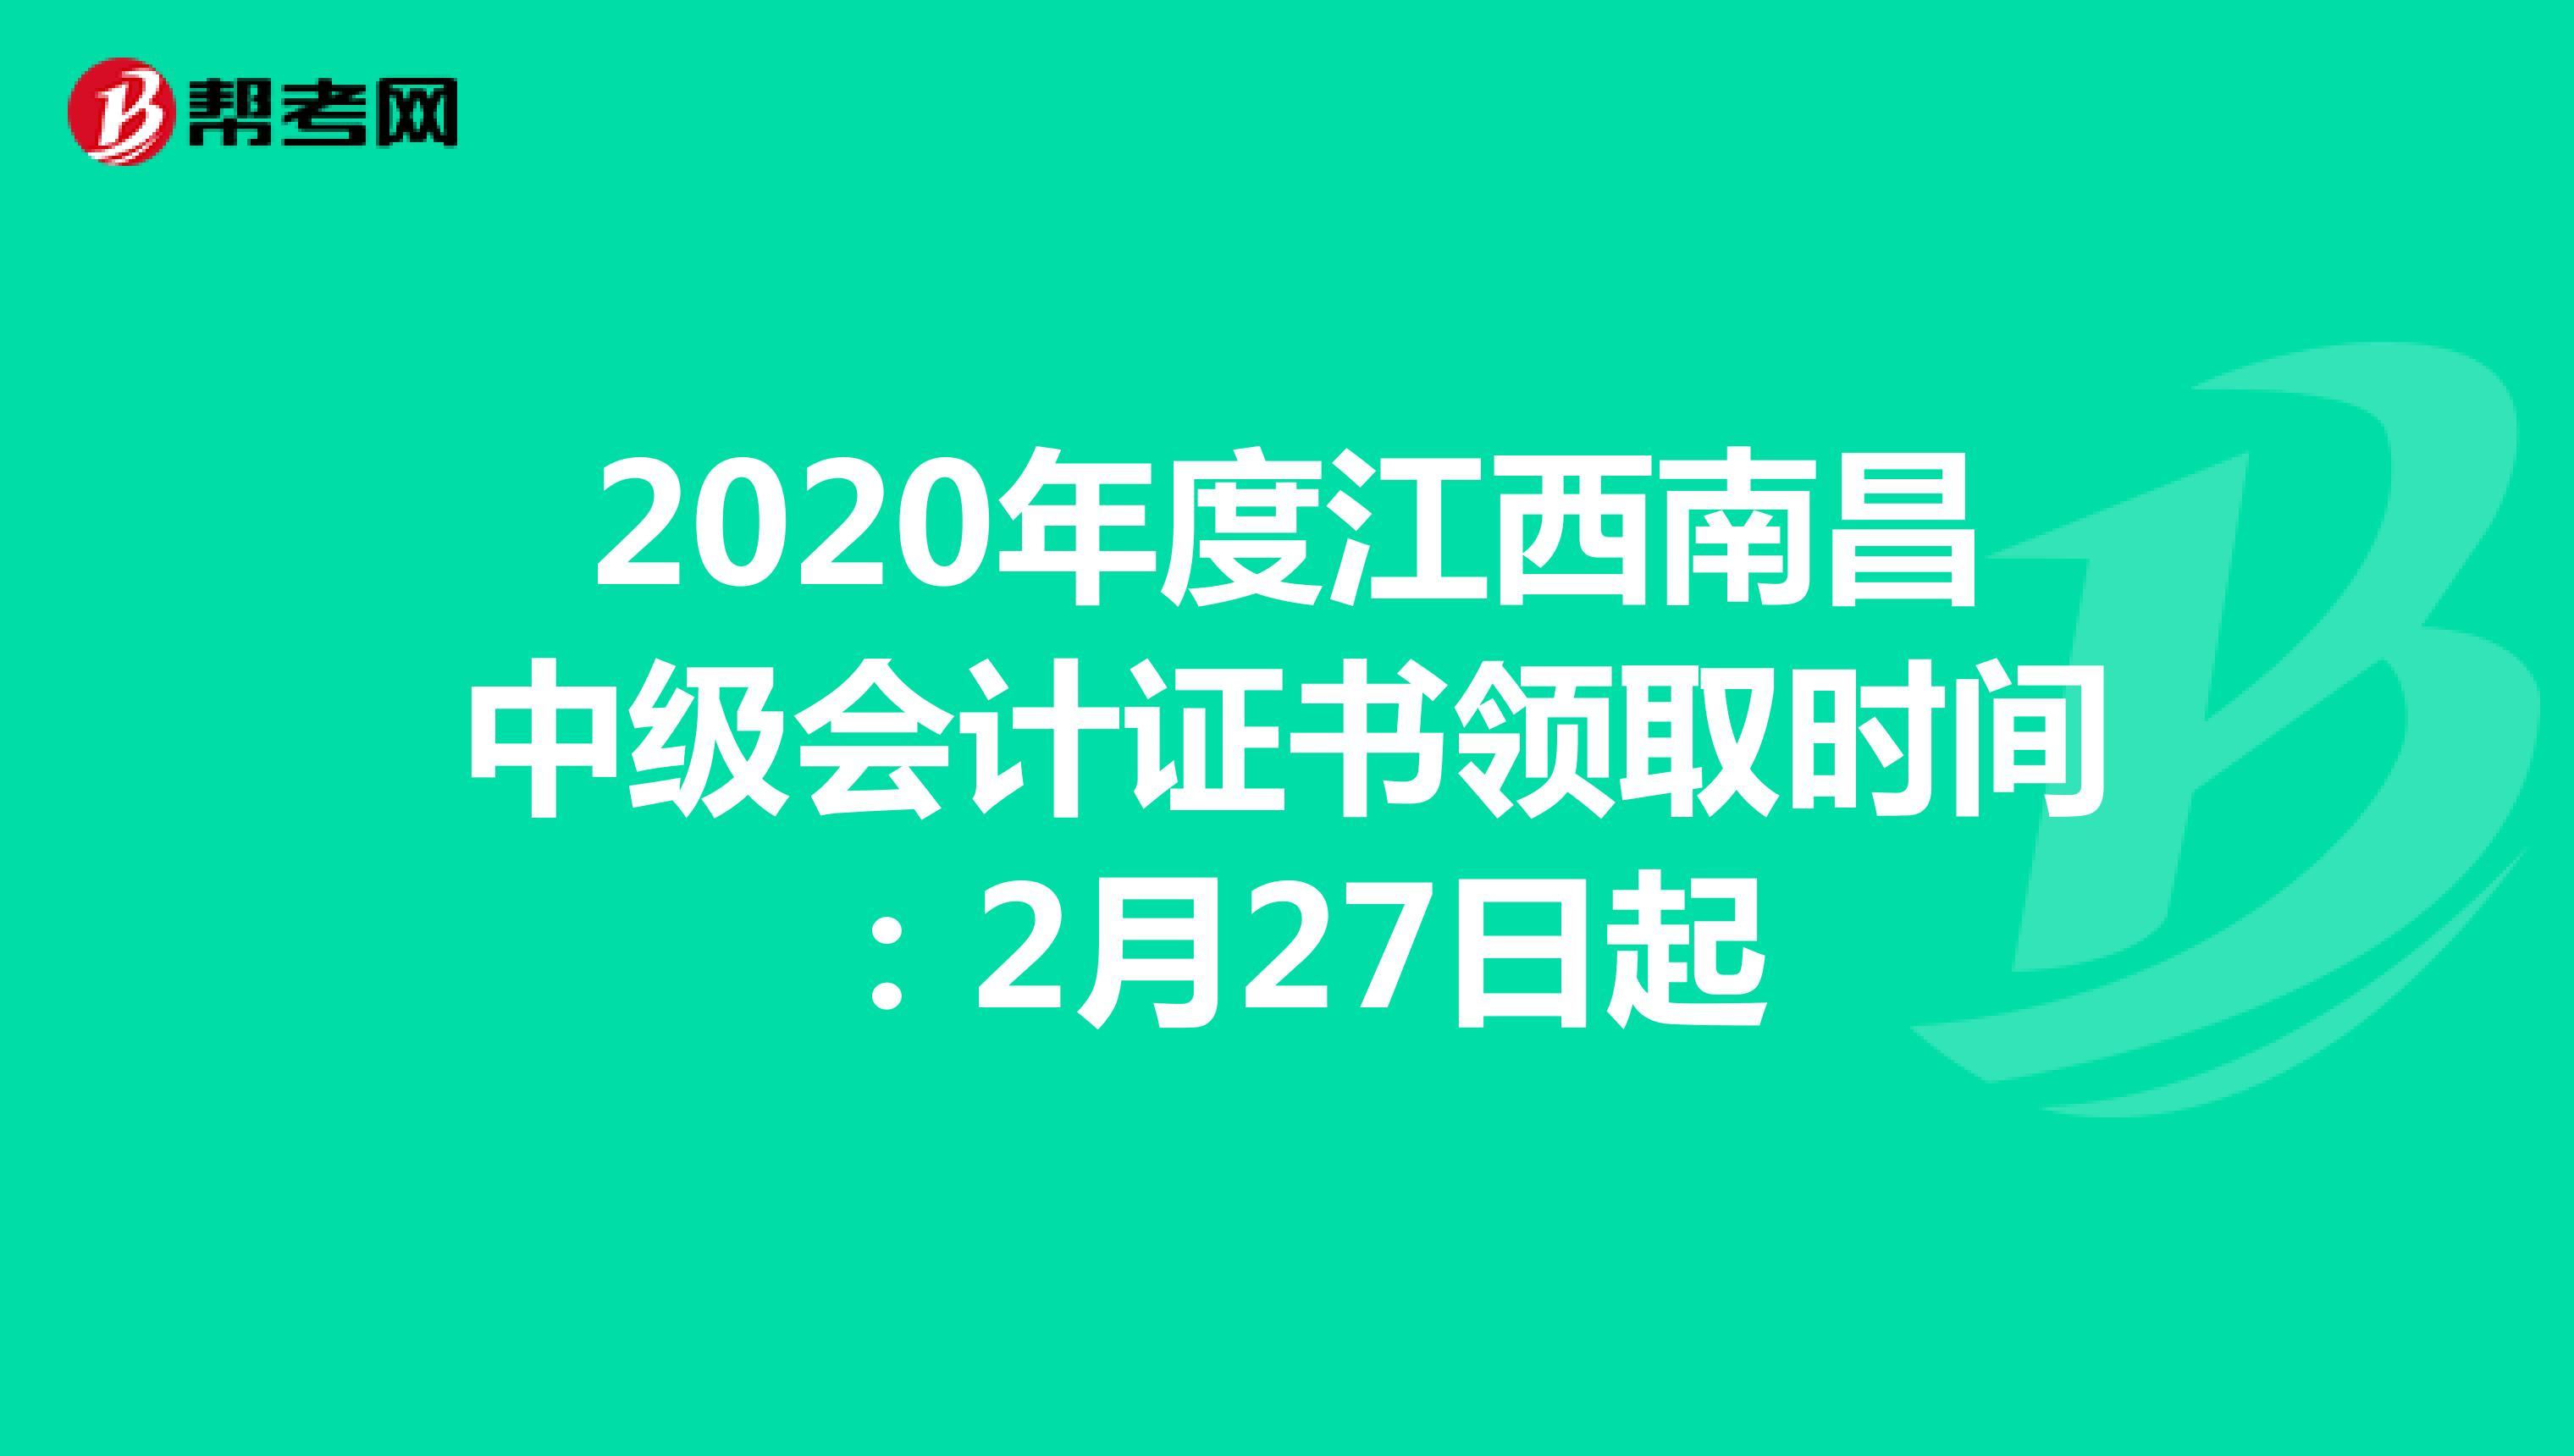 2020年度江西南昌中级会计证书领取时间:2月27日起